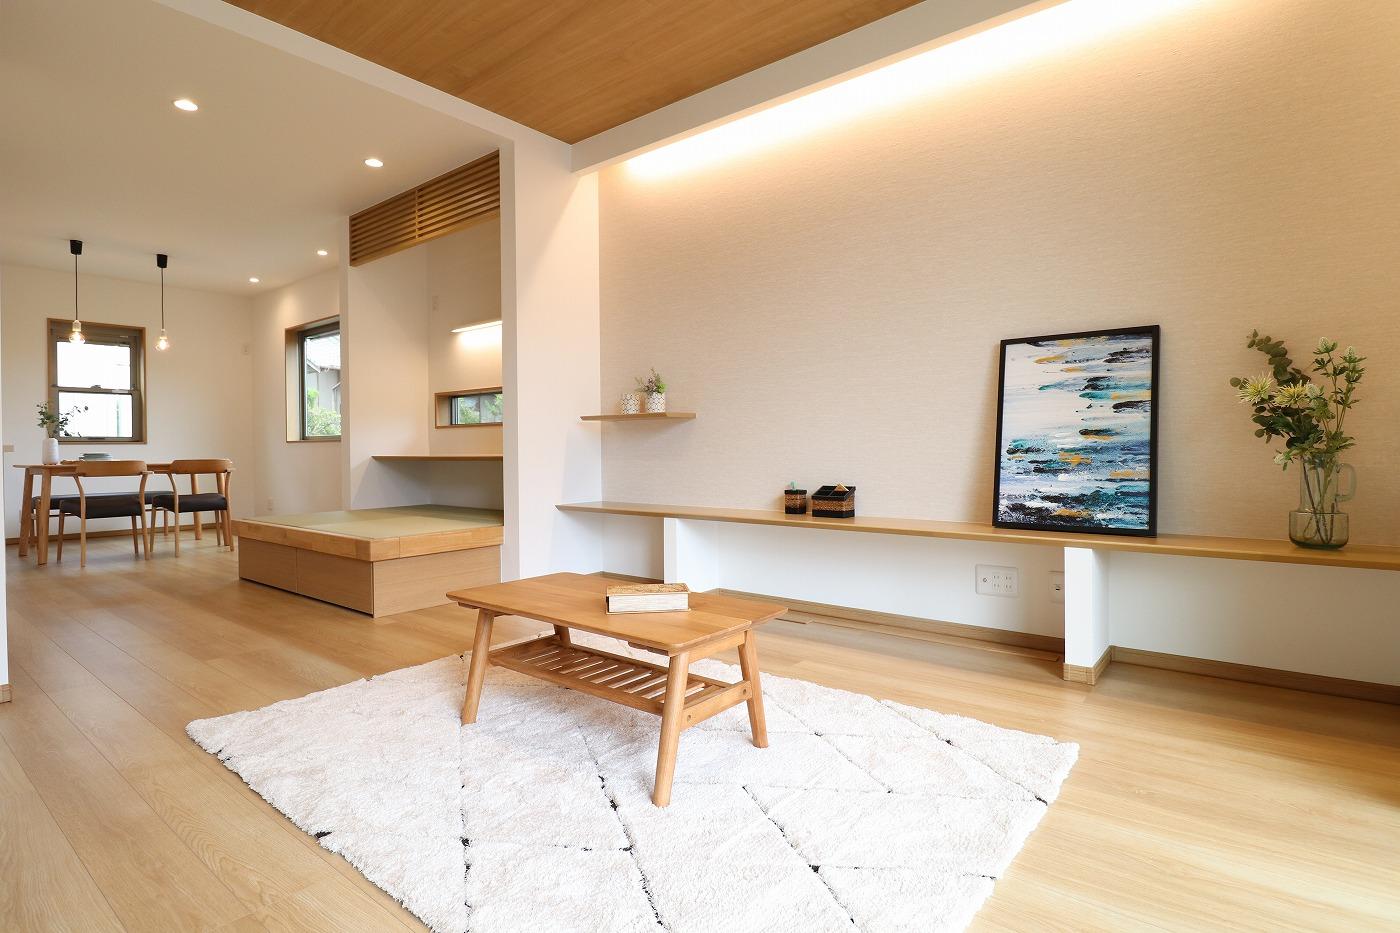 高松市上福岡町の新築分譲住宅のリビング